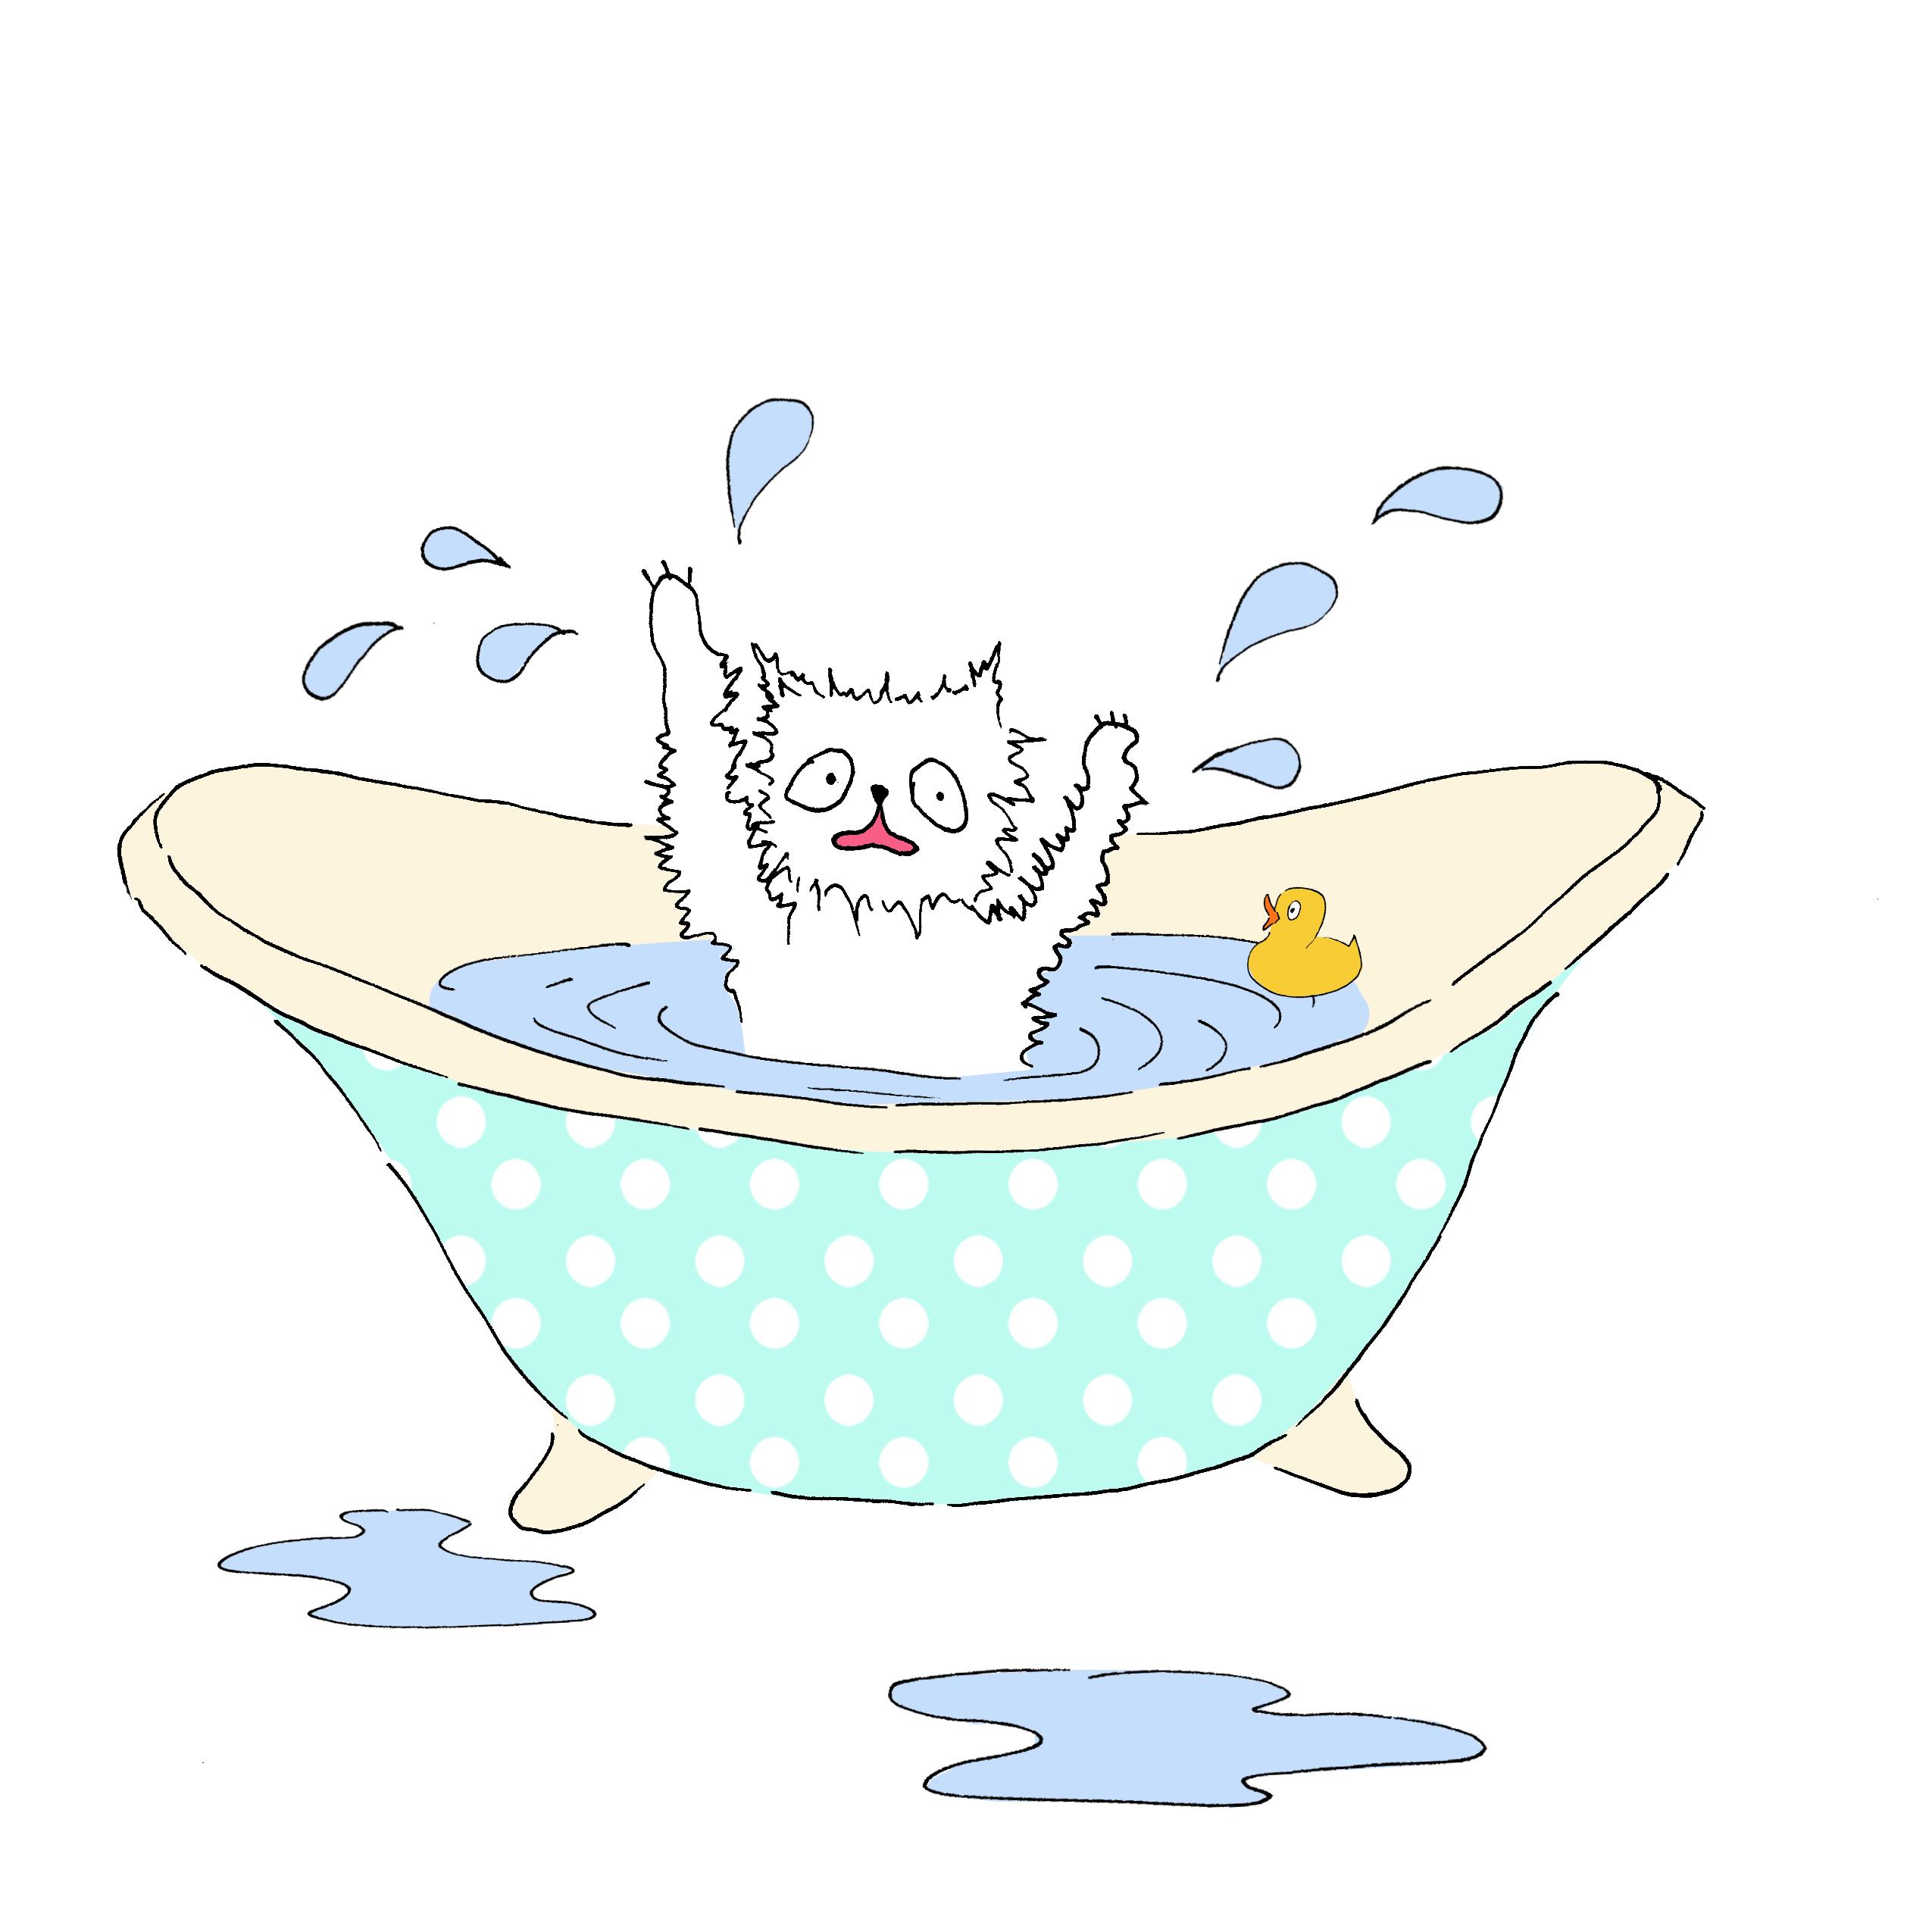 מימי&קיטי – 7 – קיטי לומדת לשחות by Irena Brodeski - Illustrated by Irena Brodeski - Ourboox.com